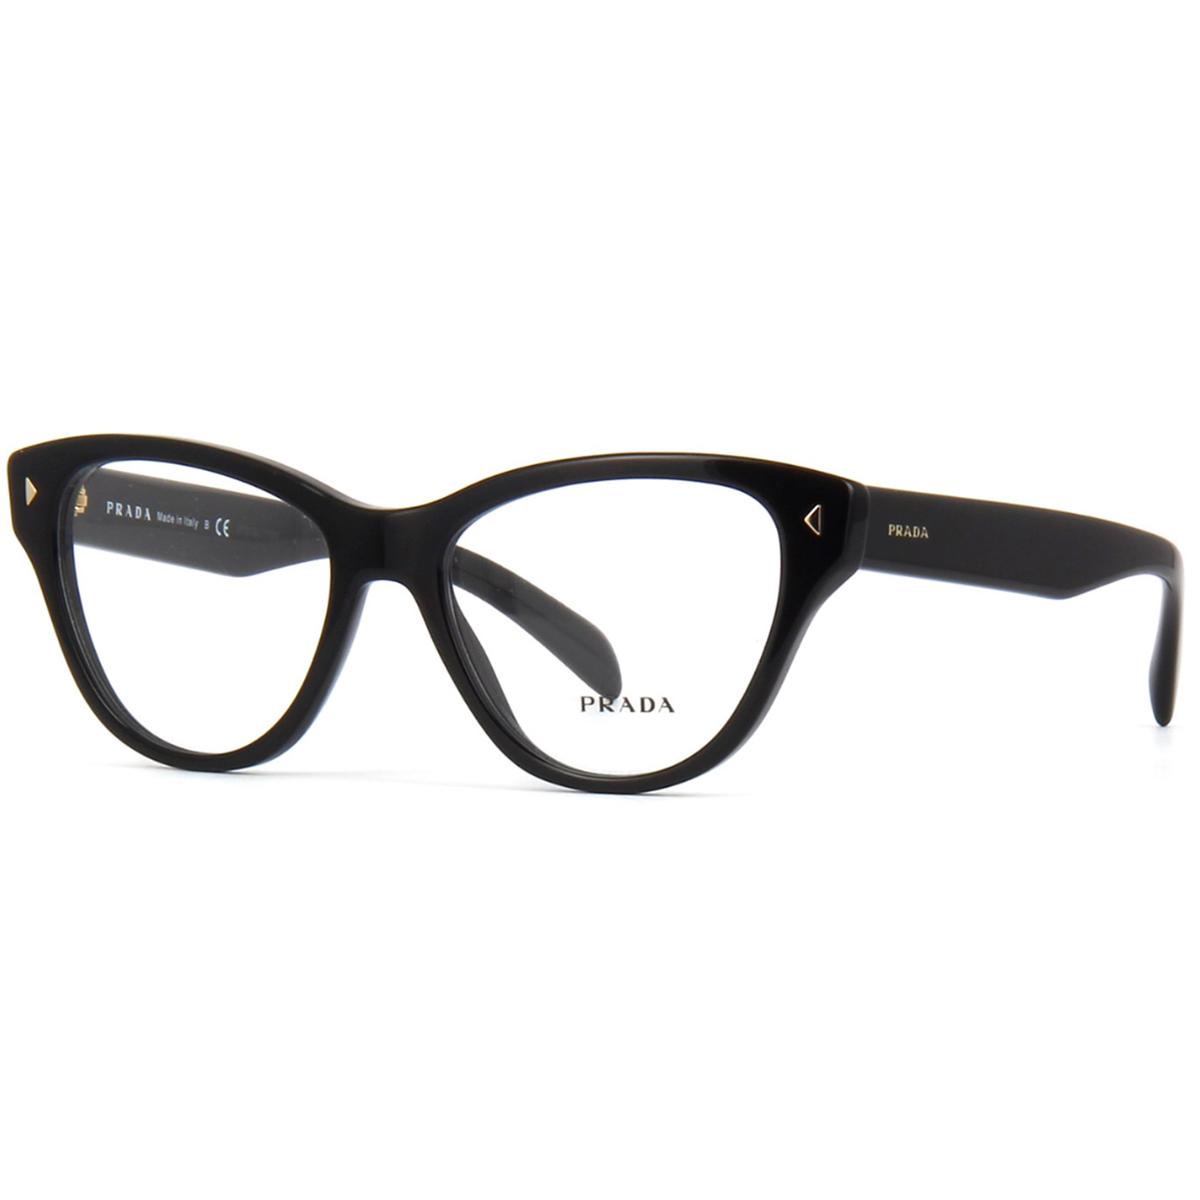 906cb5170 Compre Óculos de Grau Prada em 10X | Tri-Jóia Shop